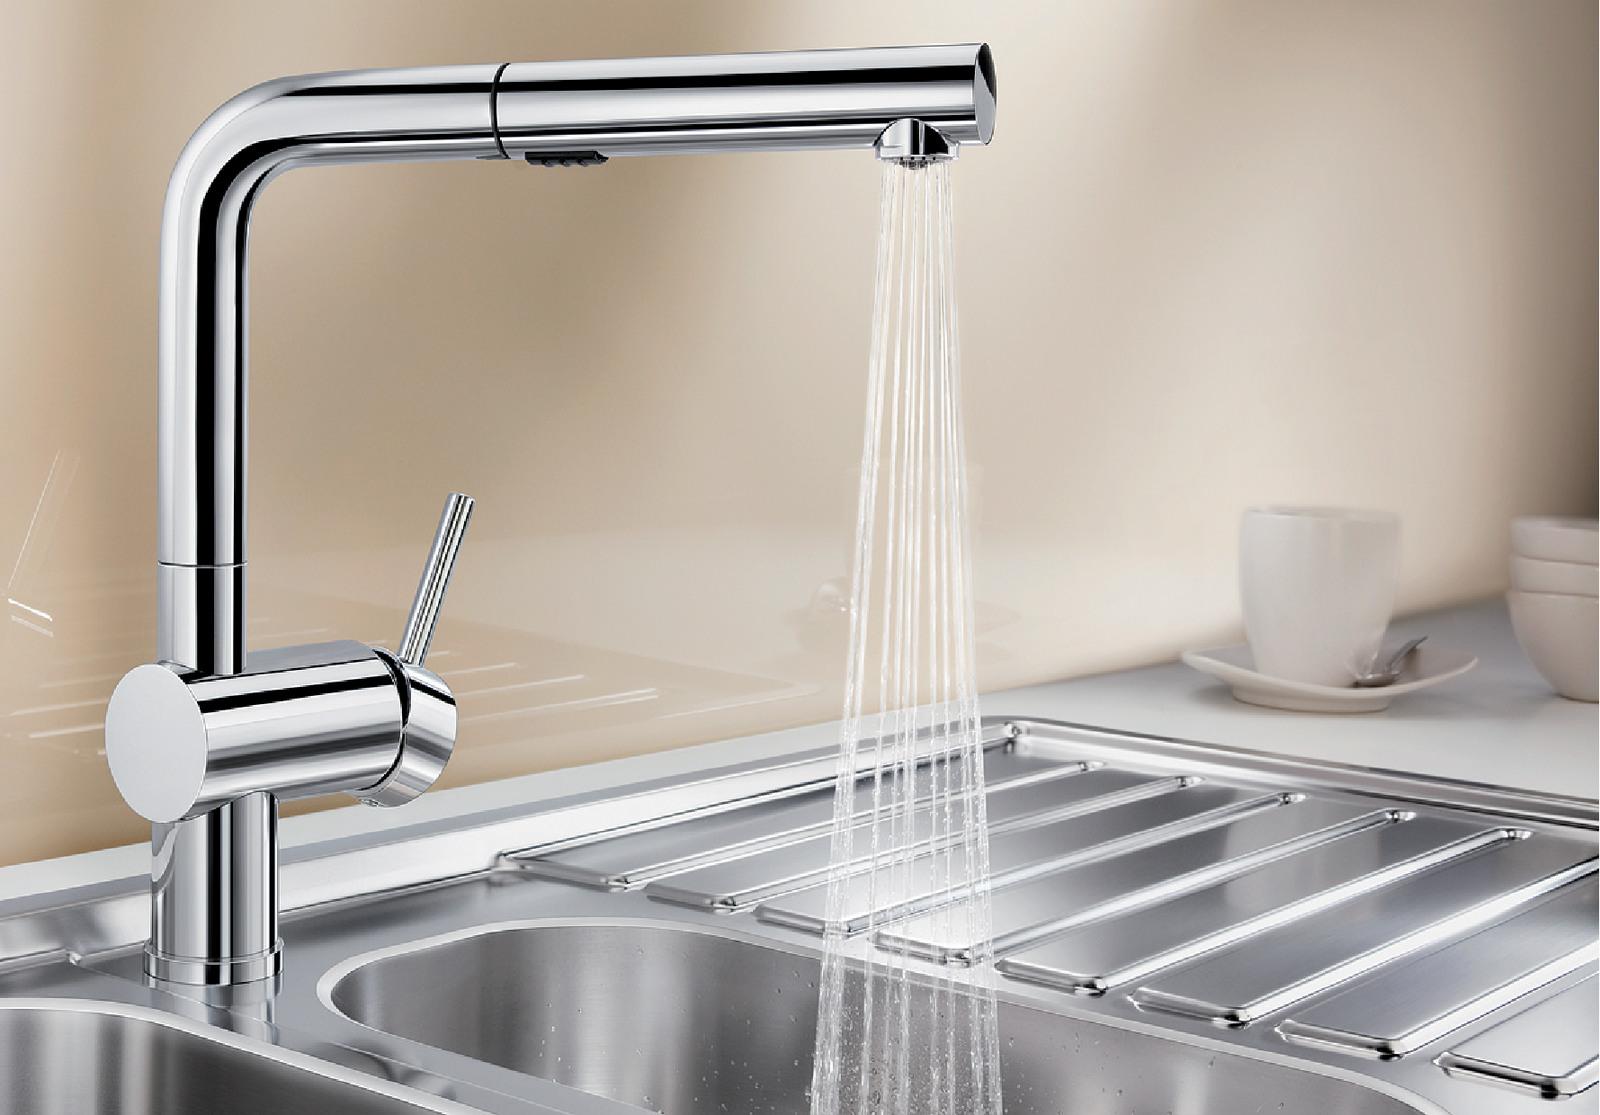 BLANCO Linus de s Vario Robinet de cuisine chrome haute pression surface m/étalliques 516689